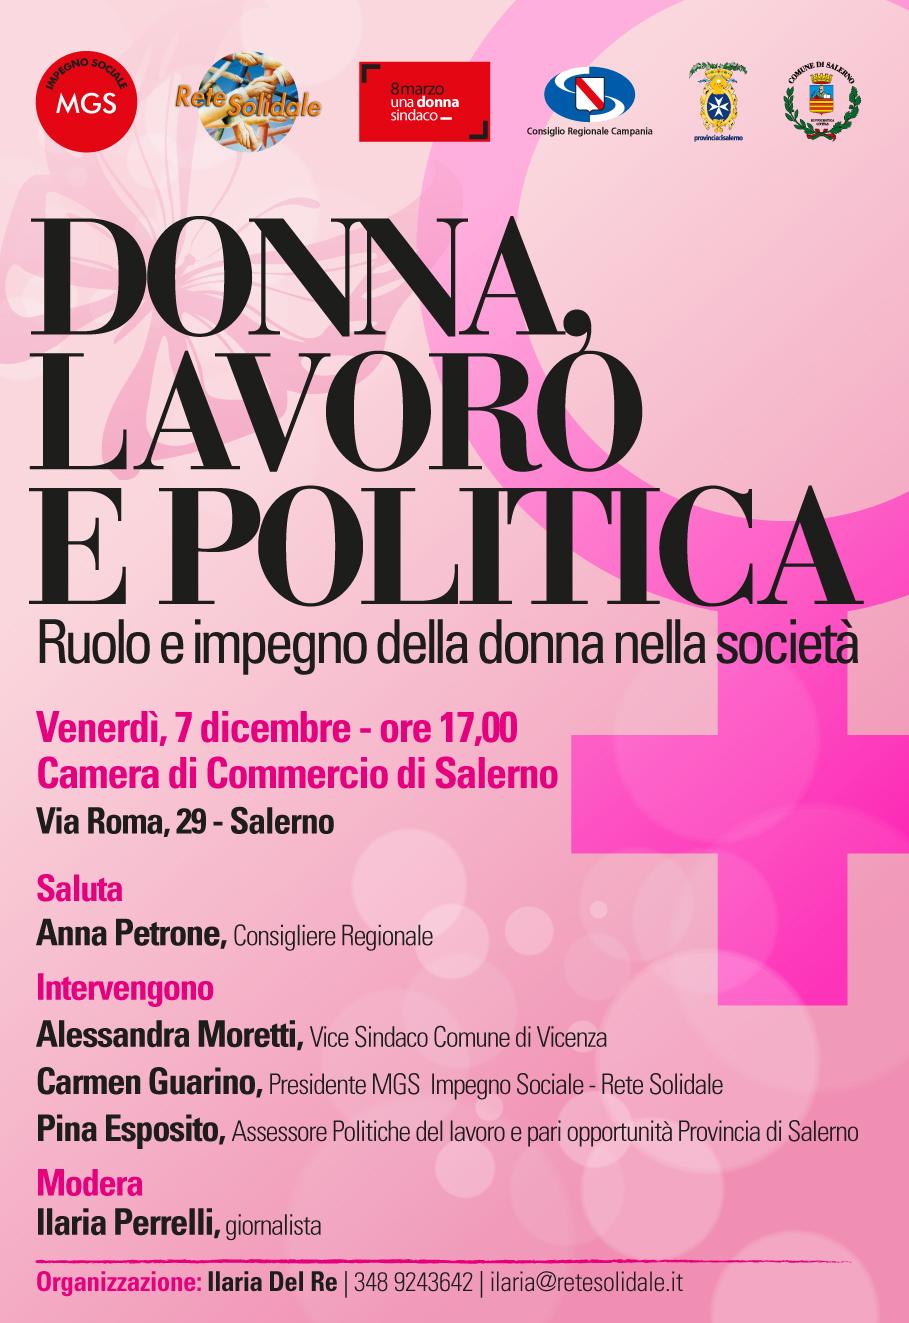 Ruolo e impegno della donna nella società, convegno a Salerno